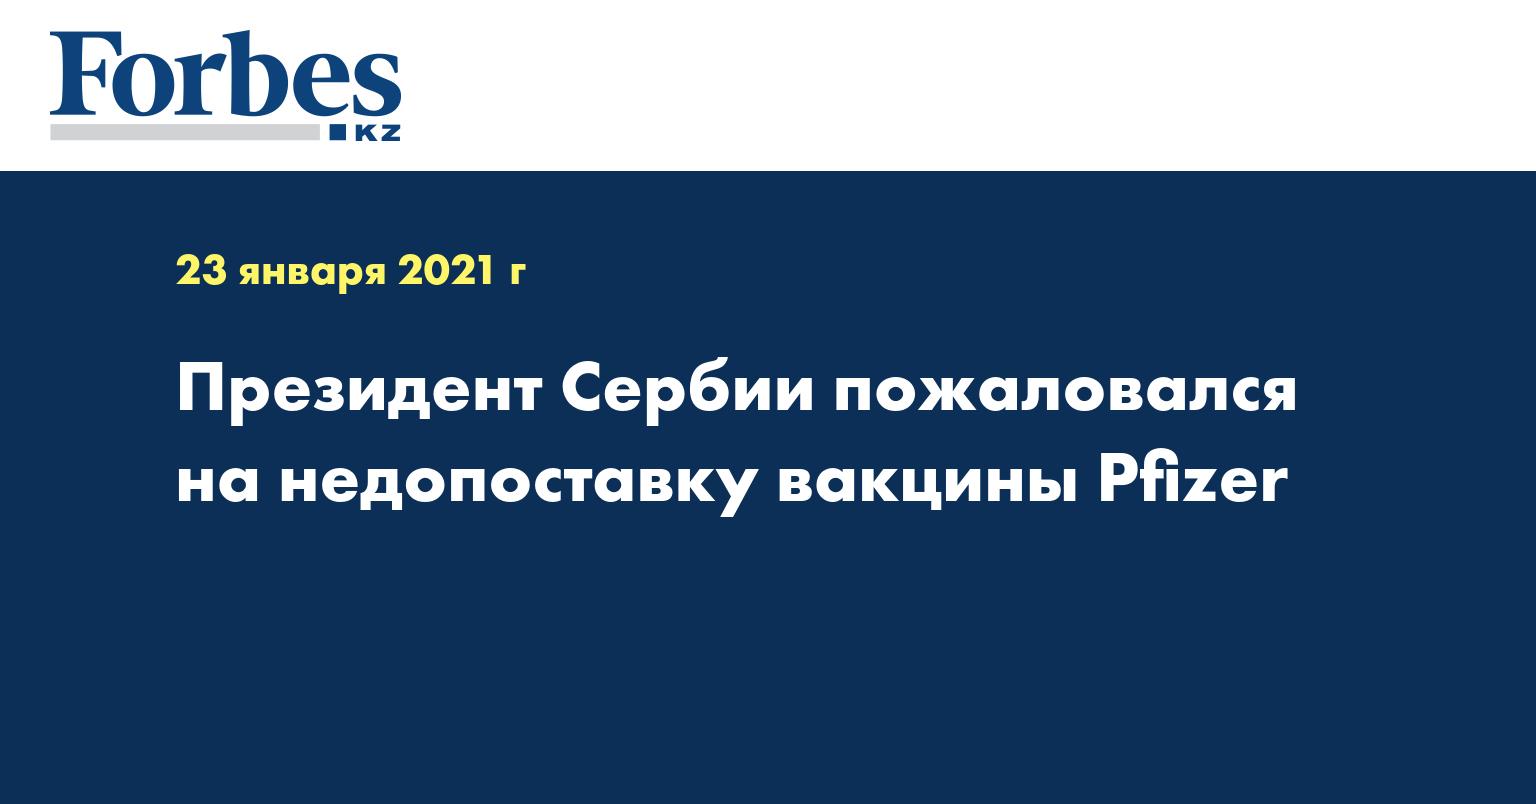 Президент Сербии пожаловался на недопоставку вакцины Pfizer